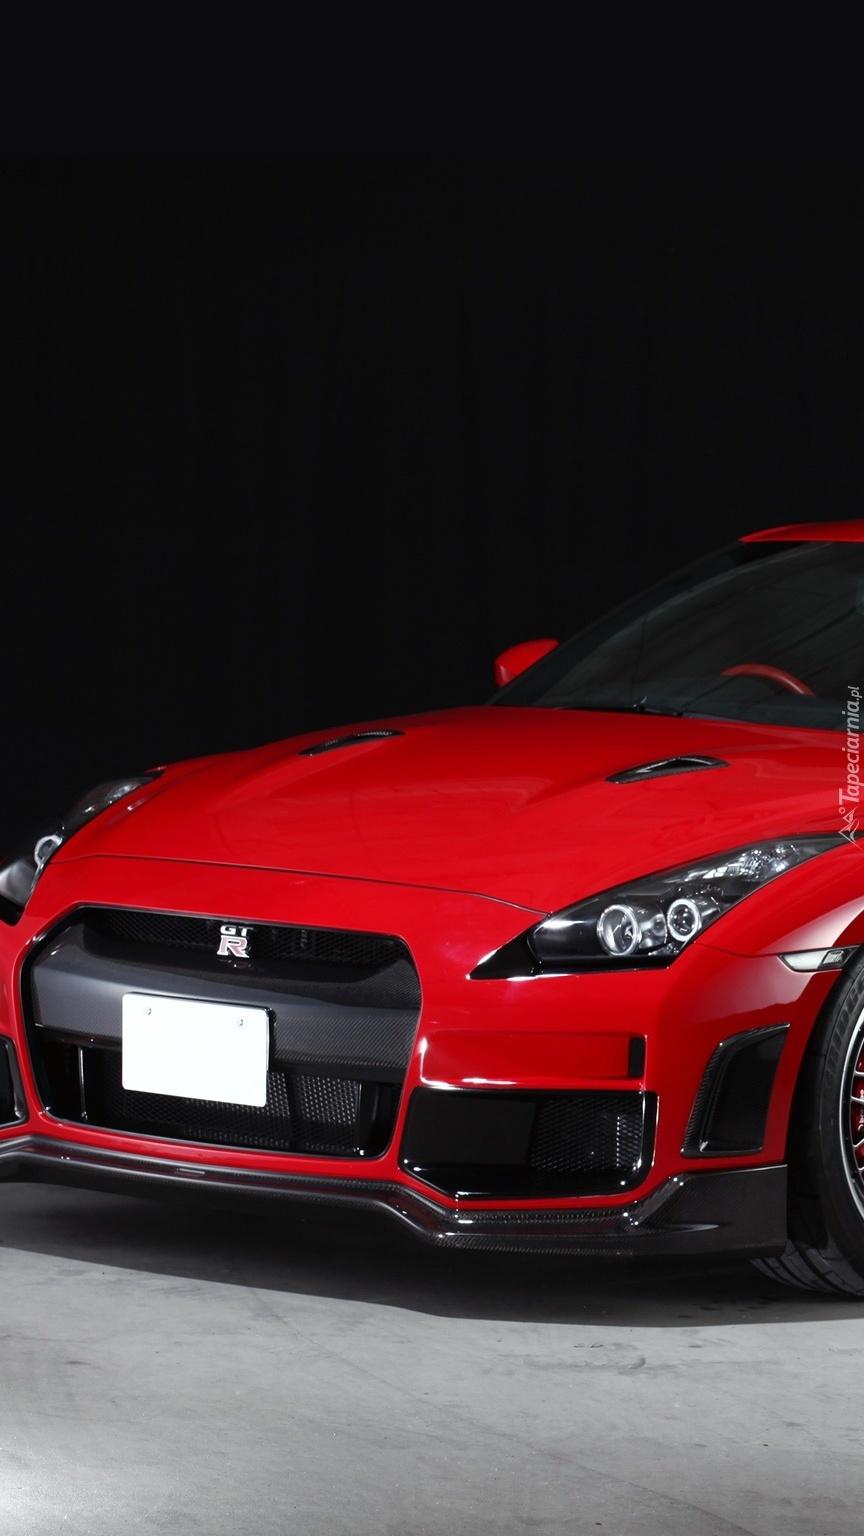 Przód czerwonego Nissana